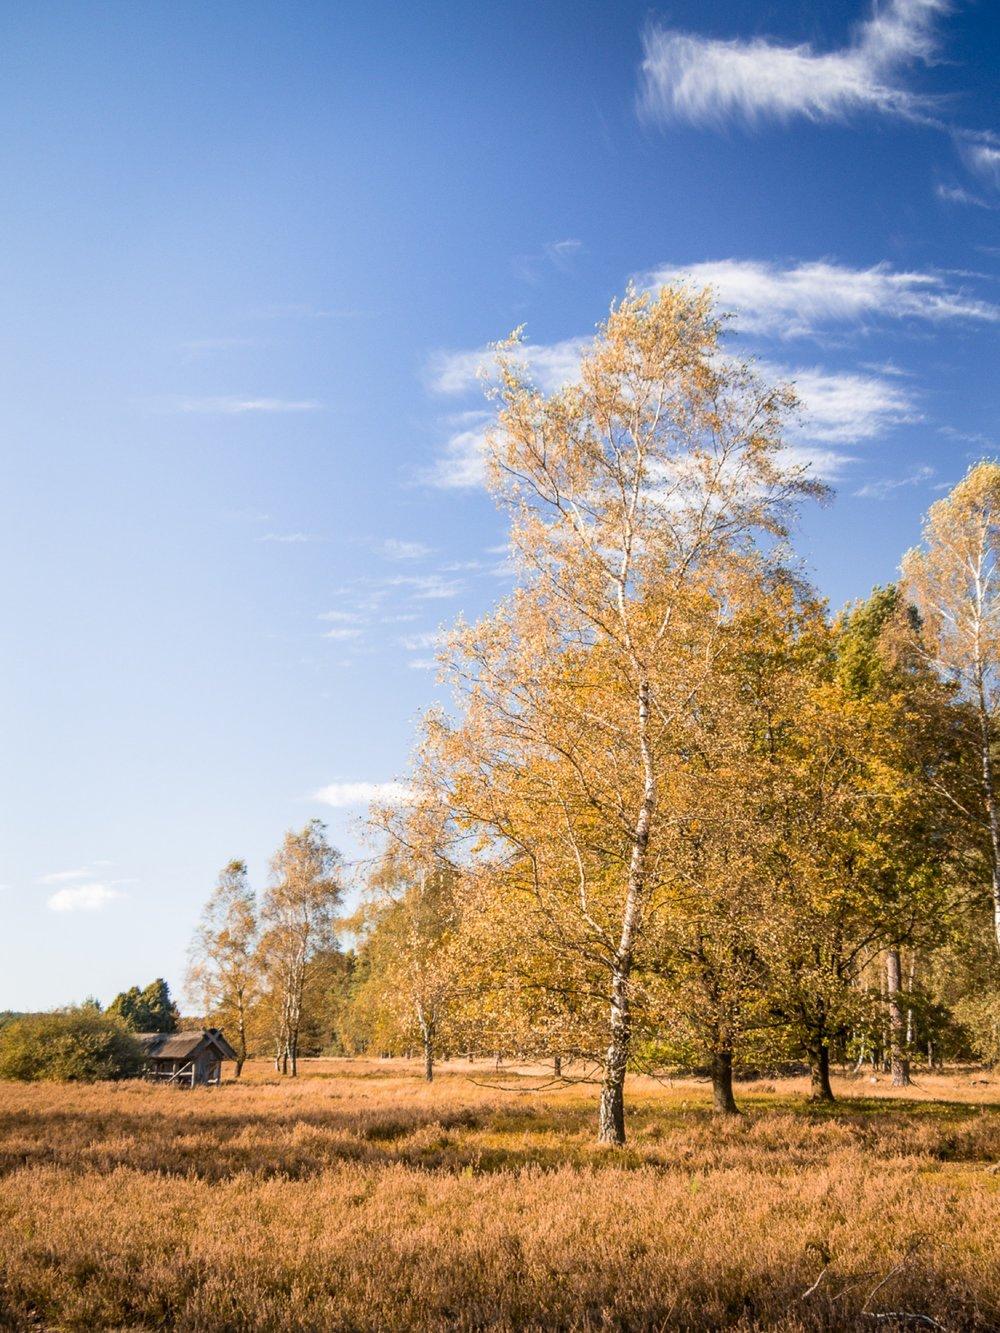 10.19.12.08.01 - Herbst 14 neu.jpg